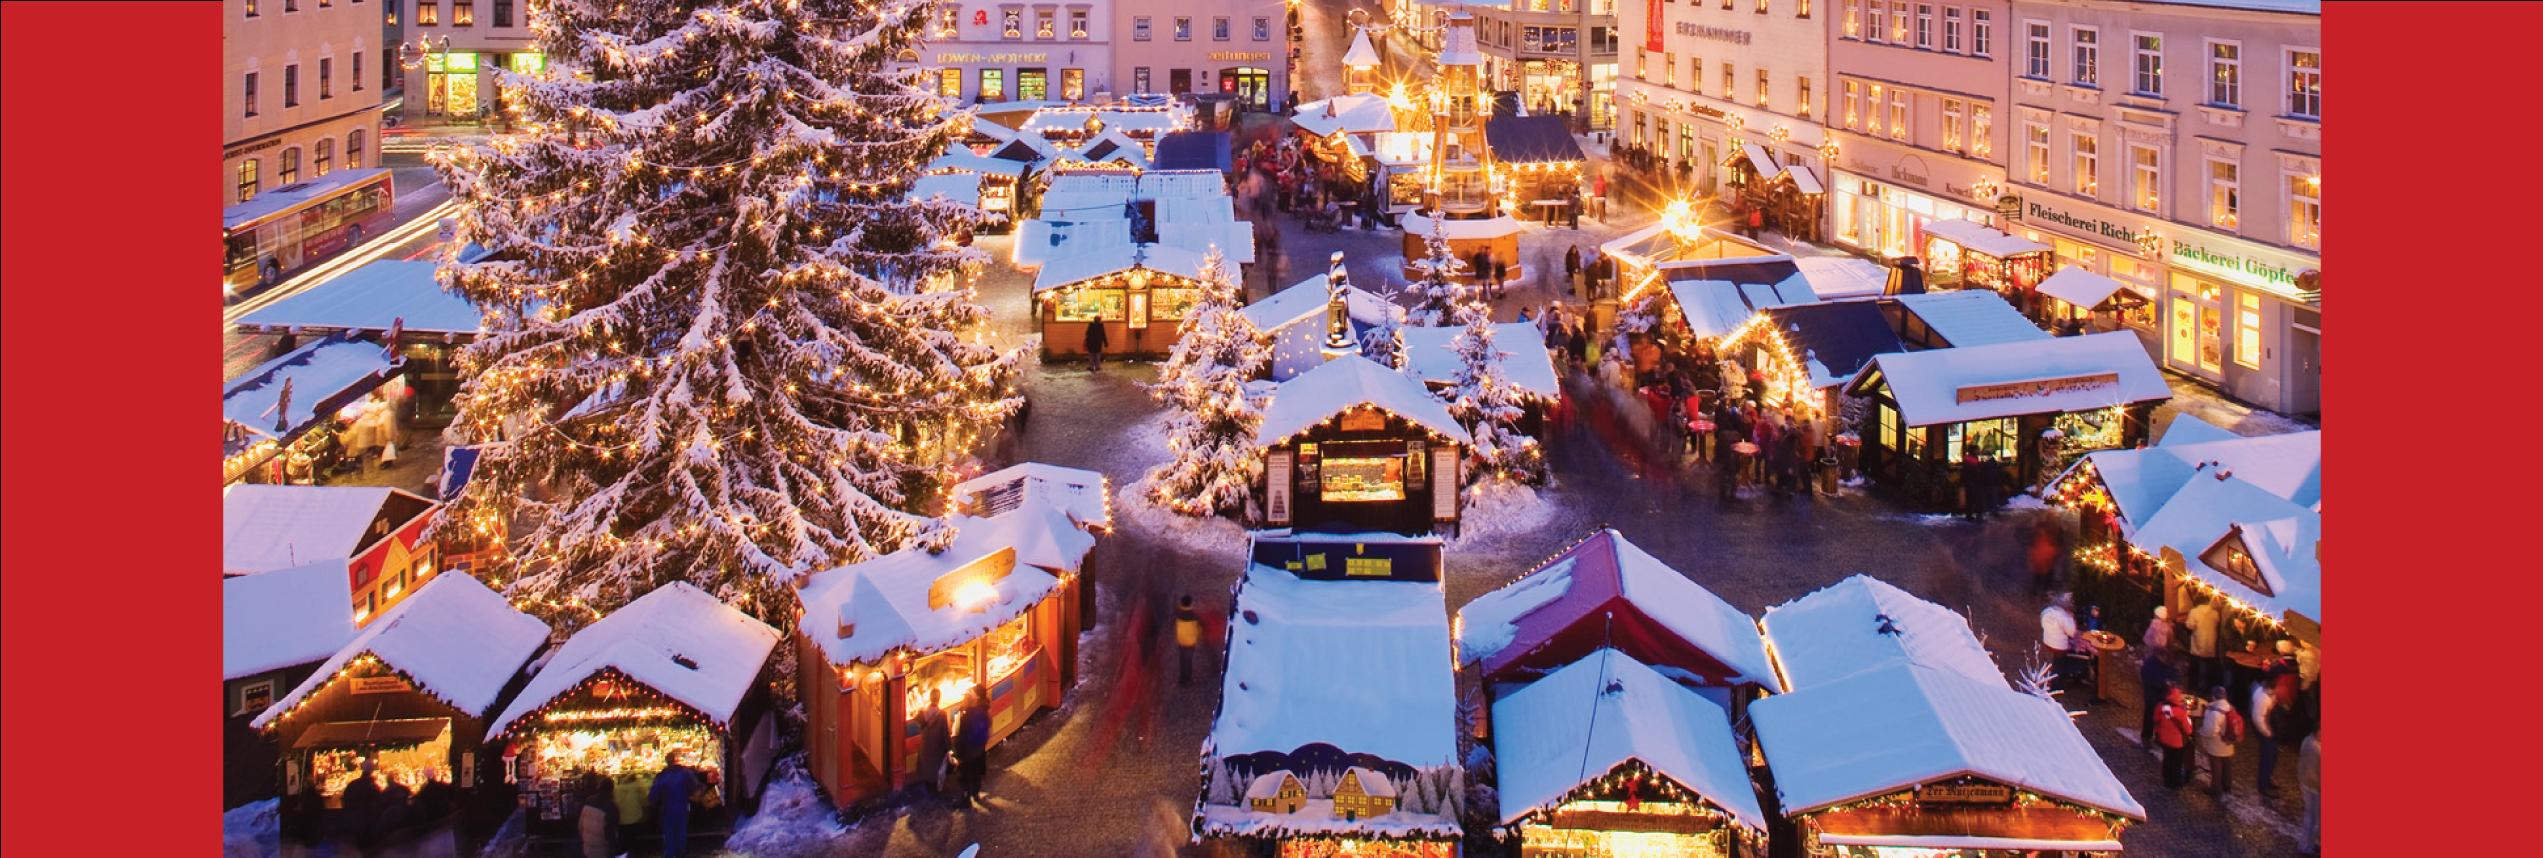 kerst markt Groningen, kerstmarkt Groningen, Winterfair Groningen, Winter Welvaart